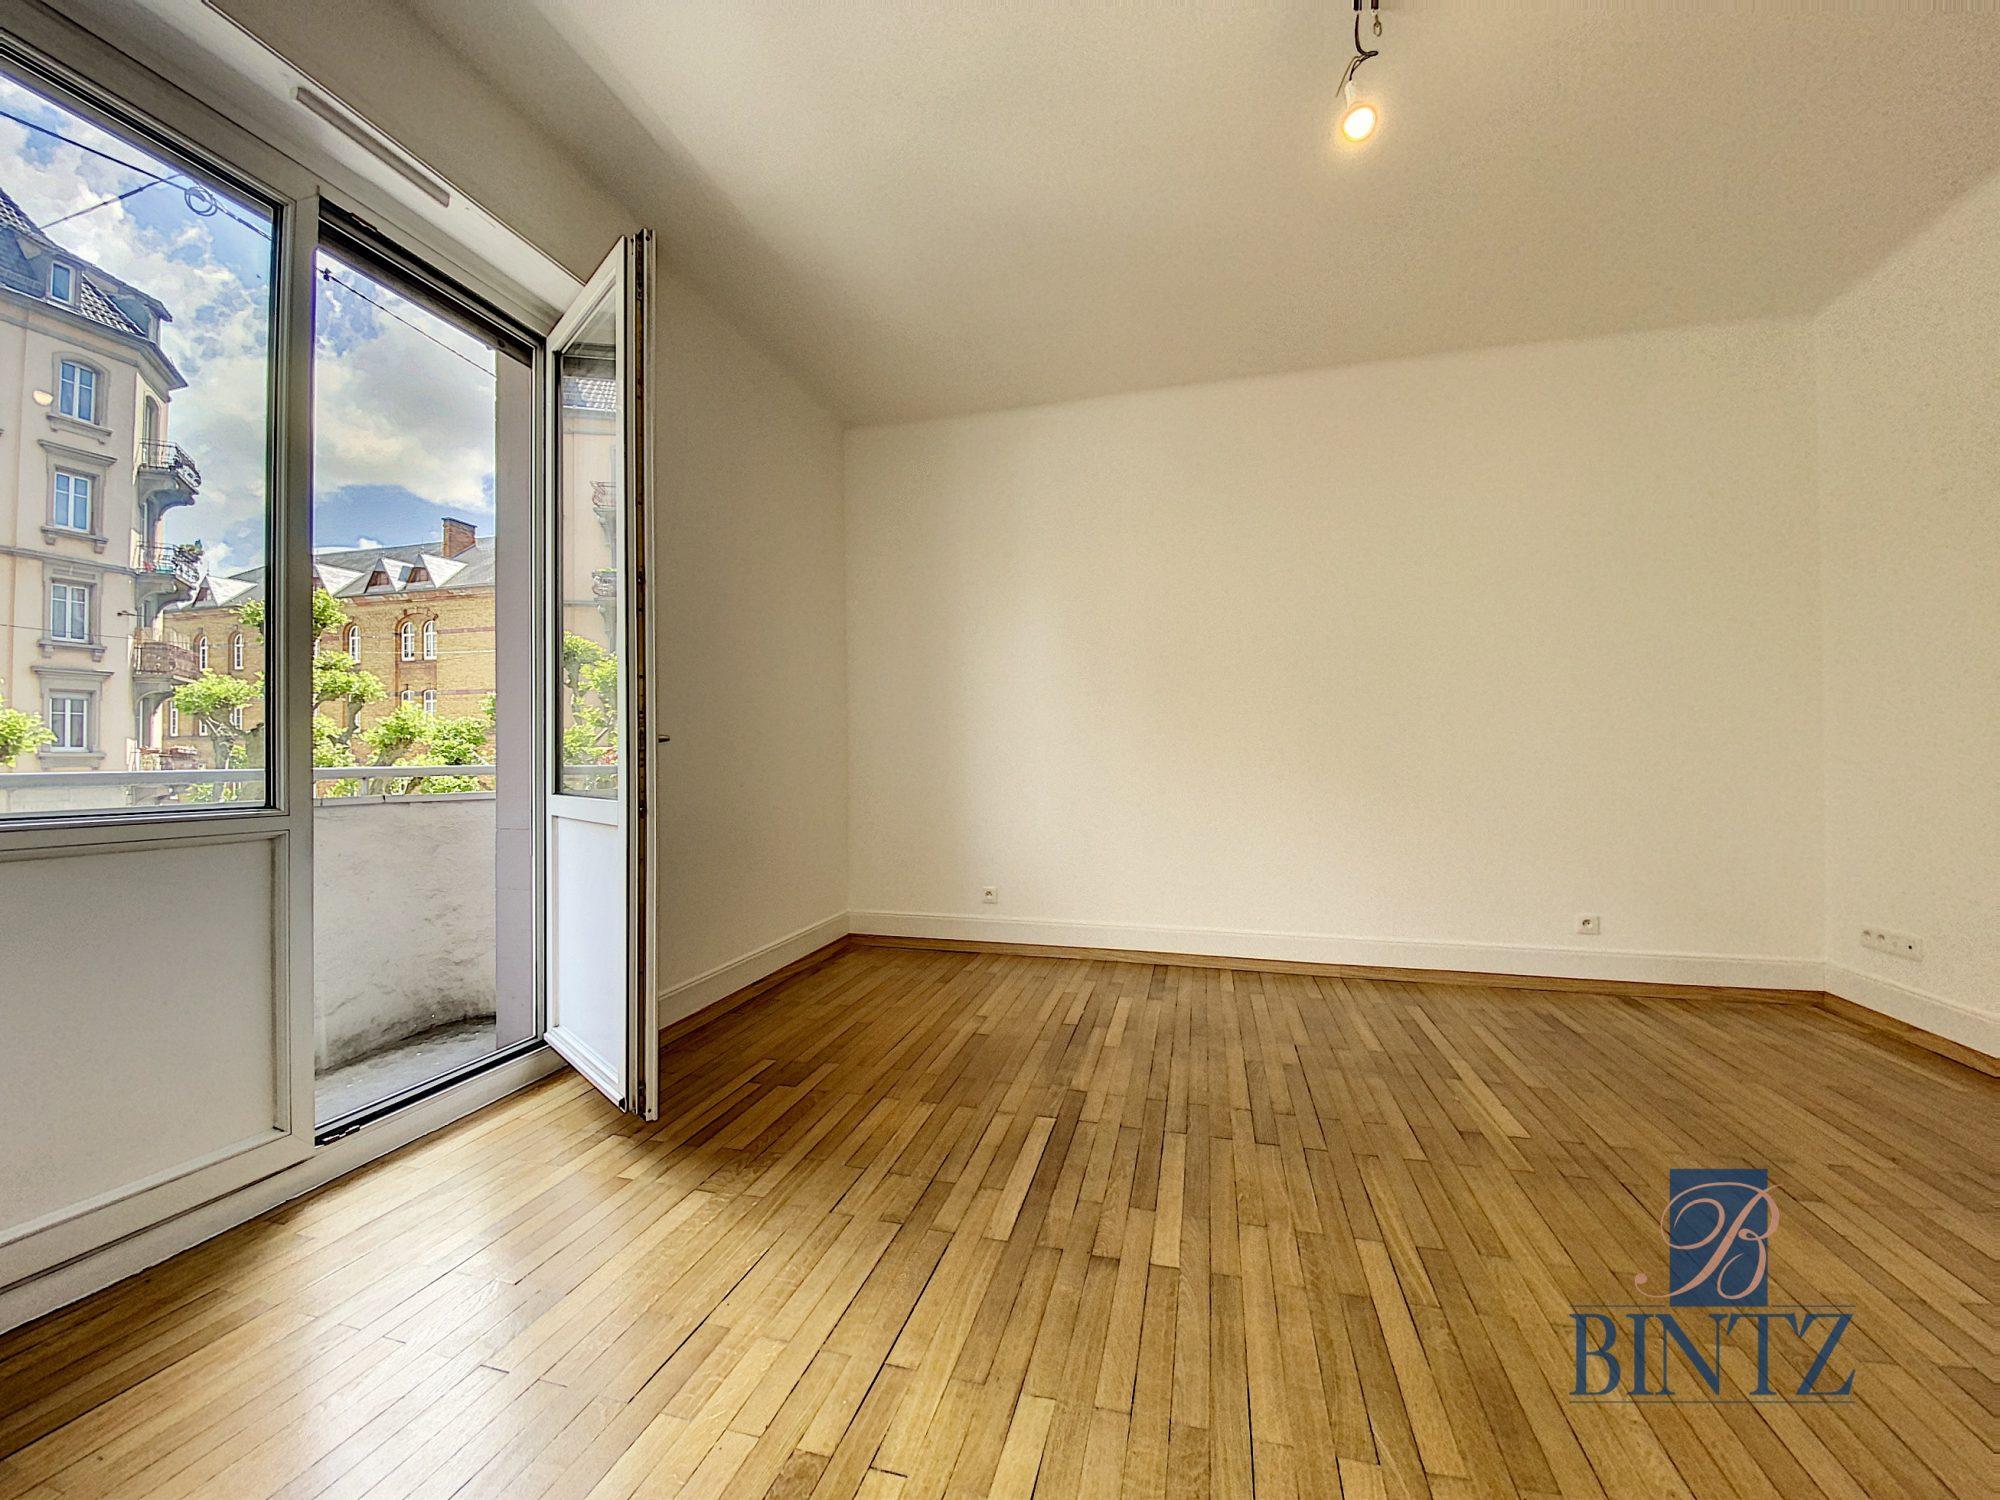 3 PIECES REFAIT A NEUF MUSEE D'ART MODERNE - Devenez locataire en toute sérénité - Bintz Immobilier - 2